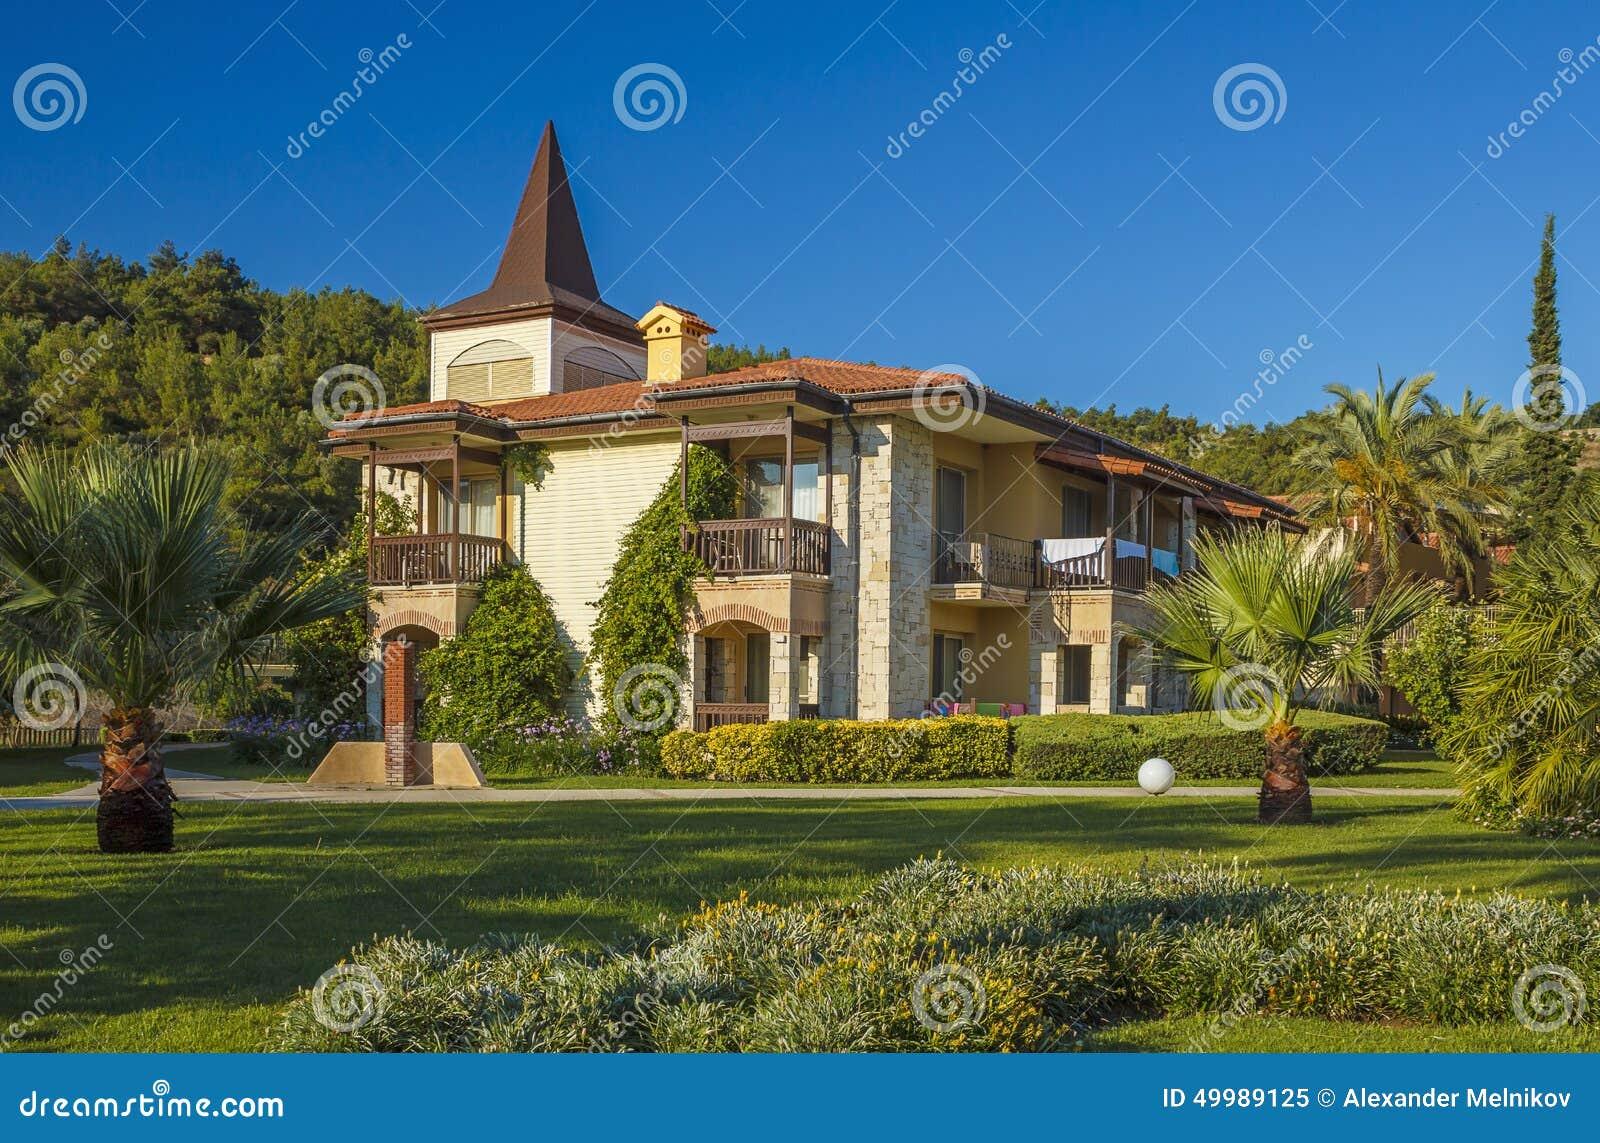 maison de campagne et belle pelouse verte